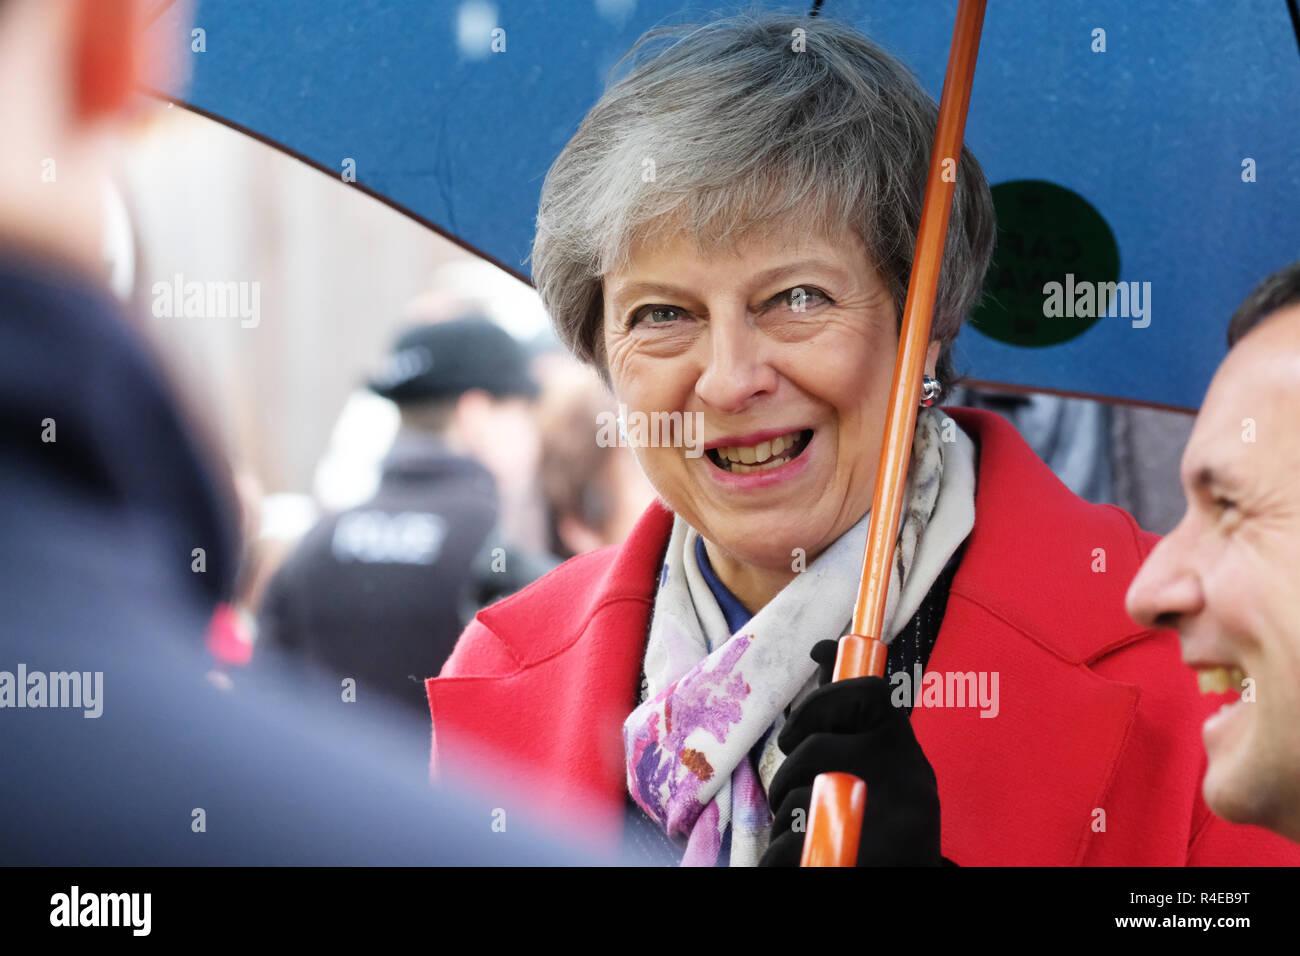 Royal Welsh Showground, Builth Wells, Powys, Gales - Martes, 27 de noviembre de 2018 - El Primer Ministro Teresa mayo Visita el Royal Welsh Winter Fair en la lluvia mientras ella comienza su gira por el Reino Unido para vender su Brexit frente al público en el REINO UNIDO - Crédito: Steven Mayo/Alamy Live News Imagen De Stock